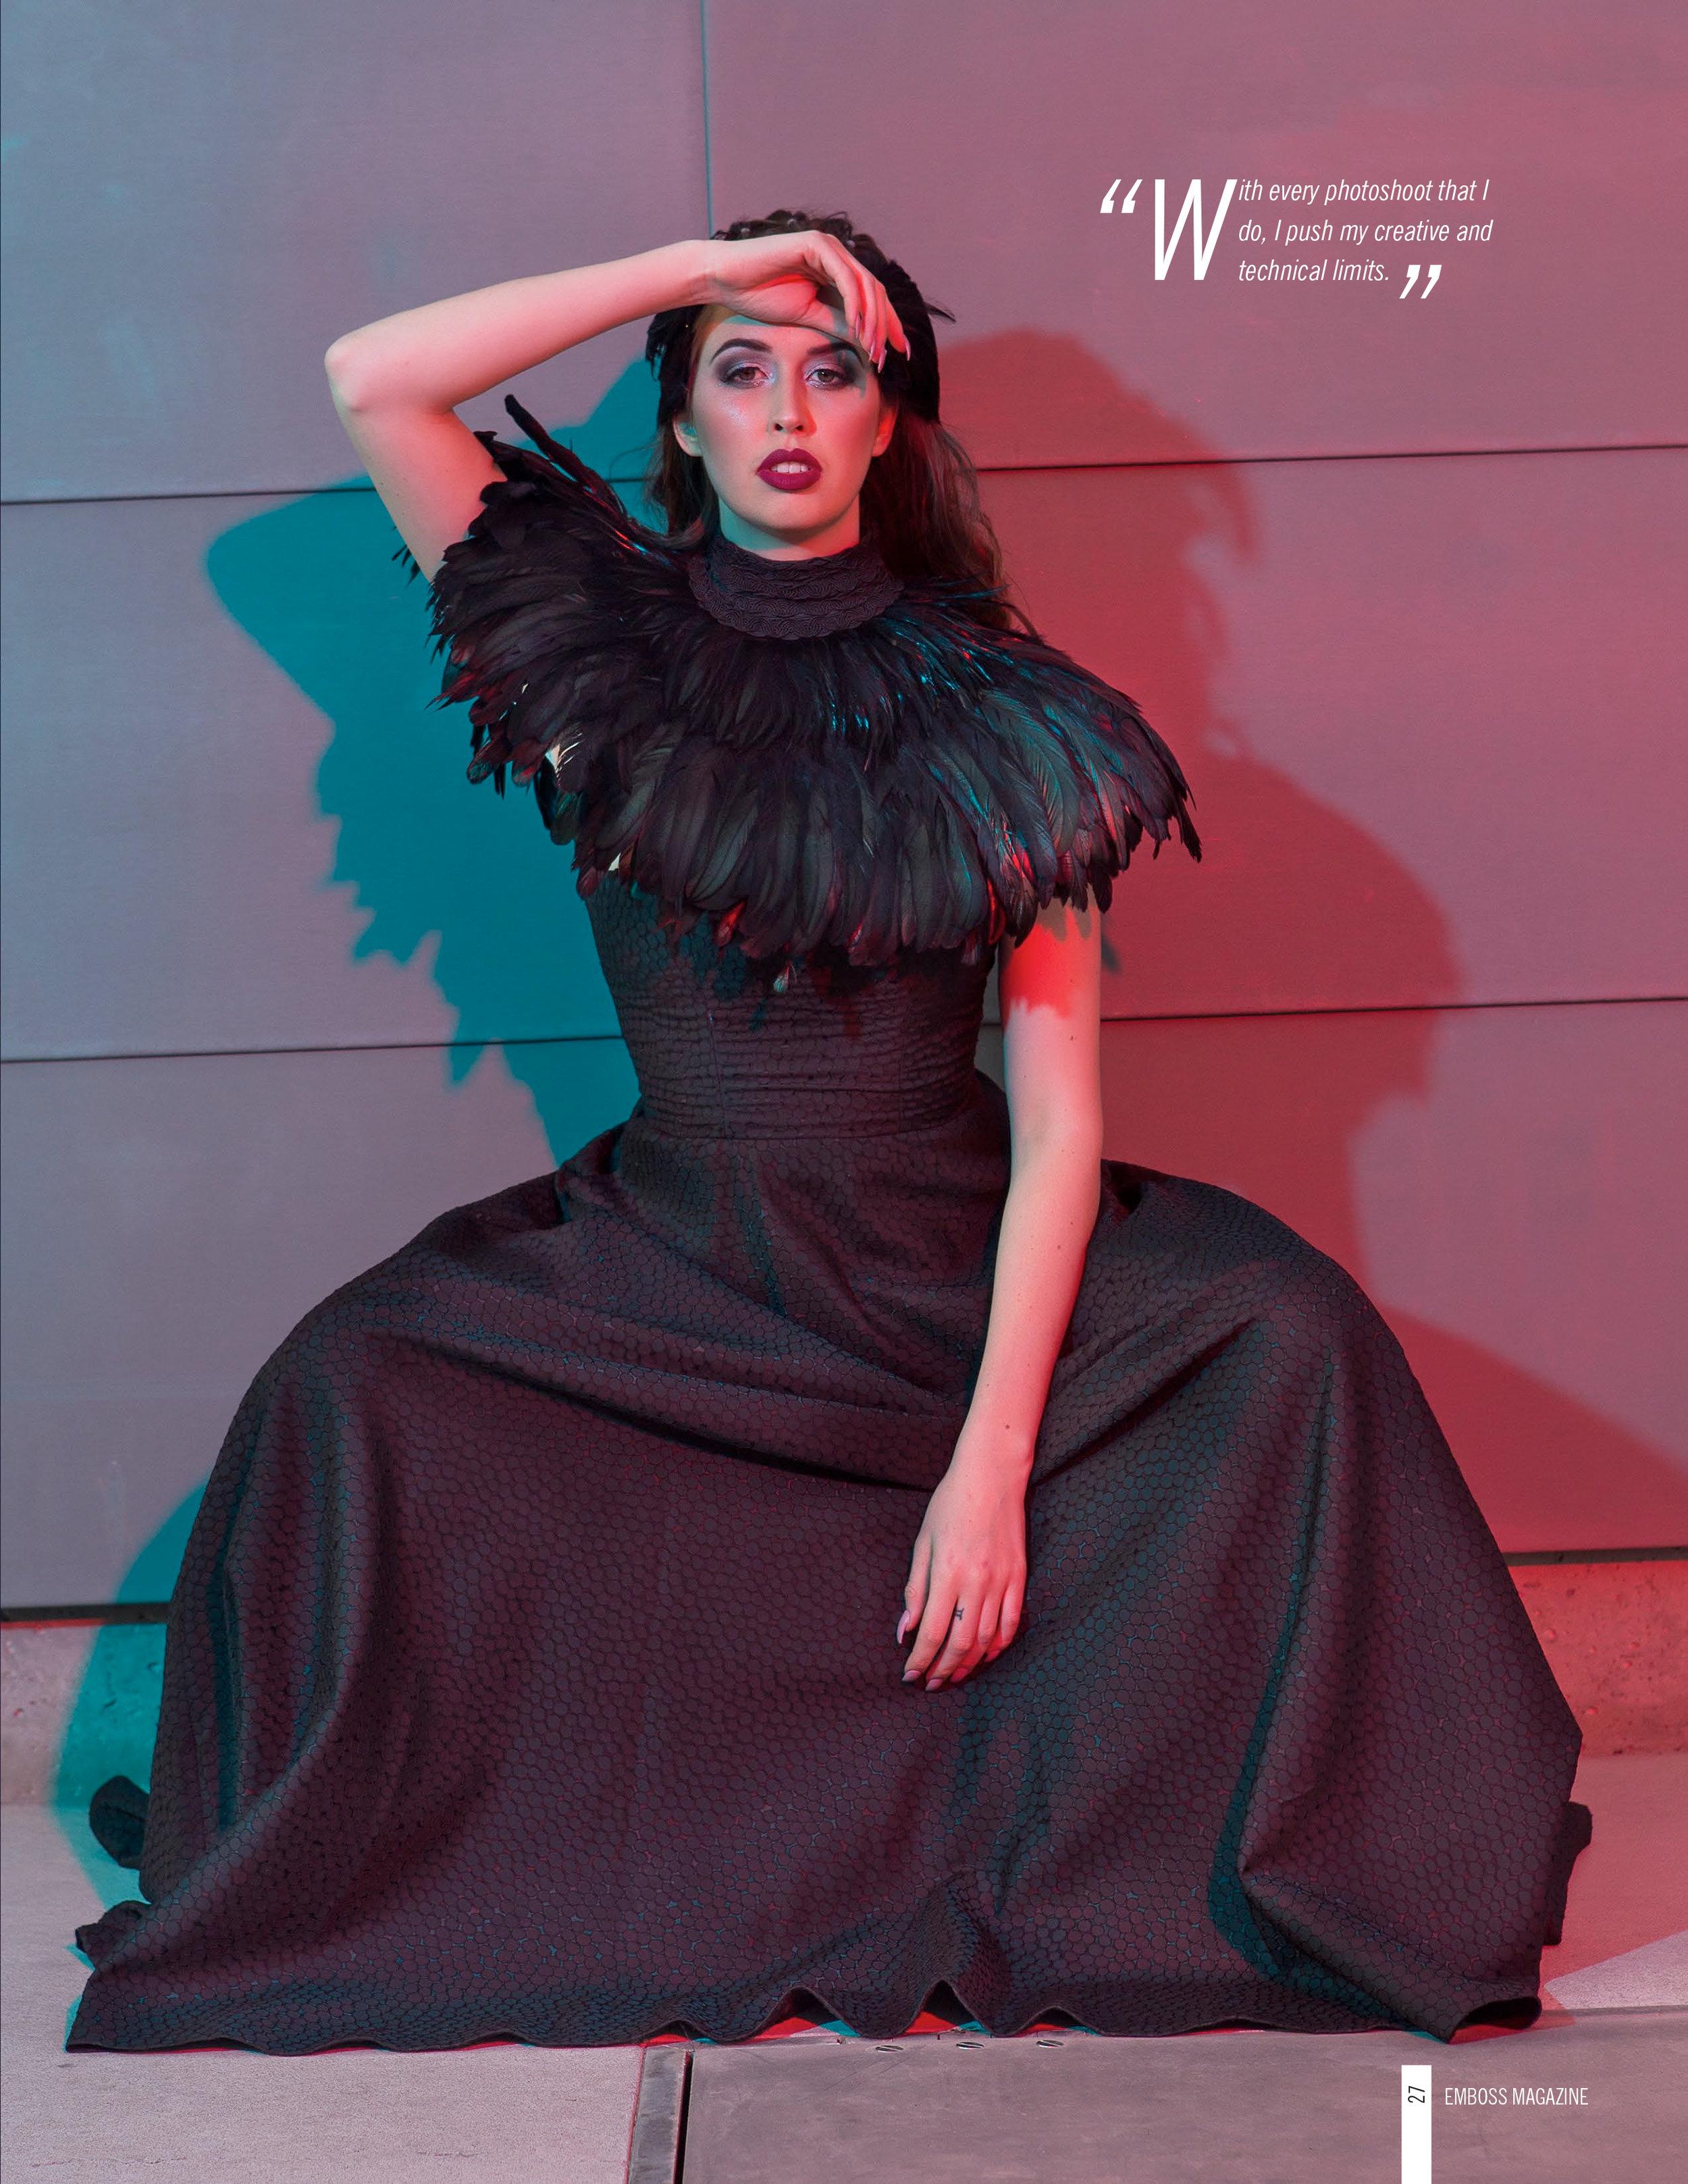 Emboss Magazine - Issue 6 - January 2017 (6).jpg